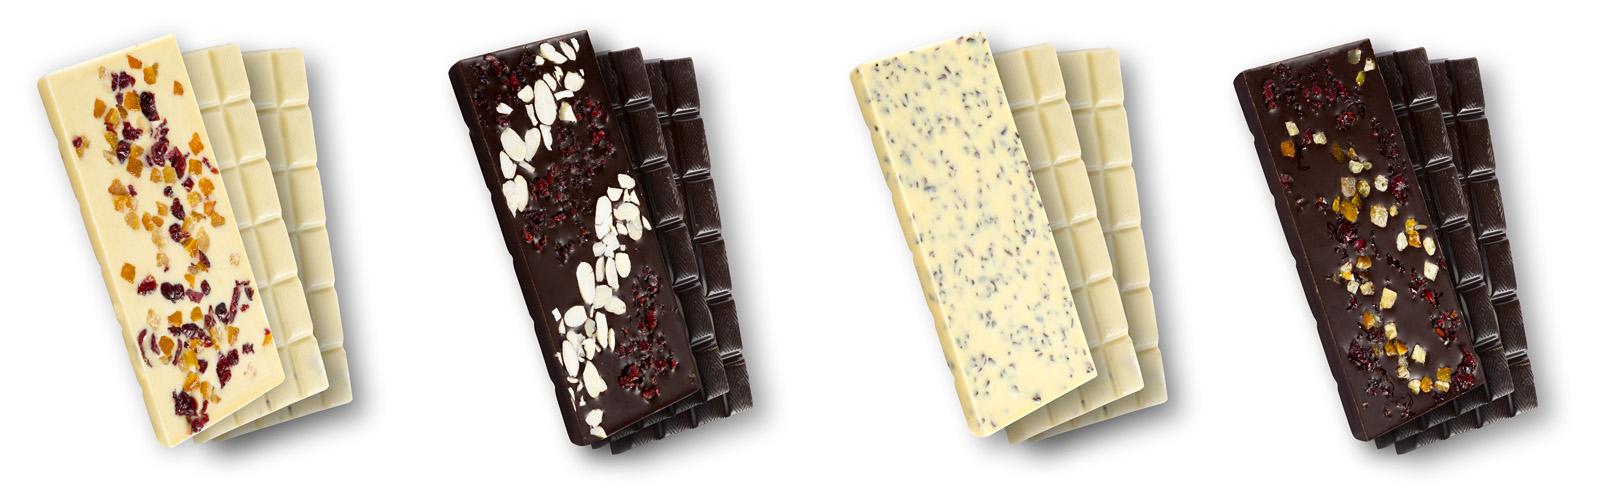 Fotografie tabliczek czekolady dla producenta